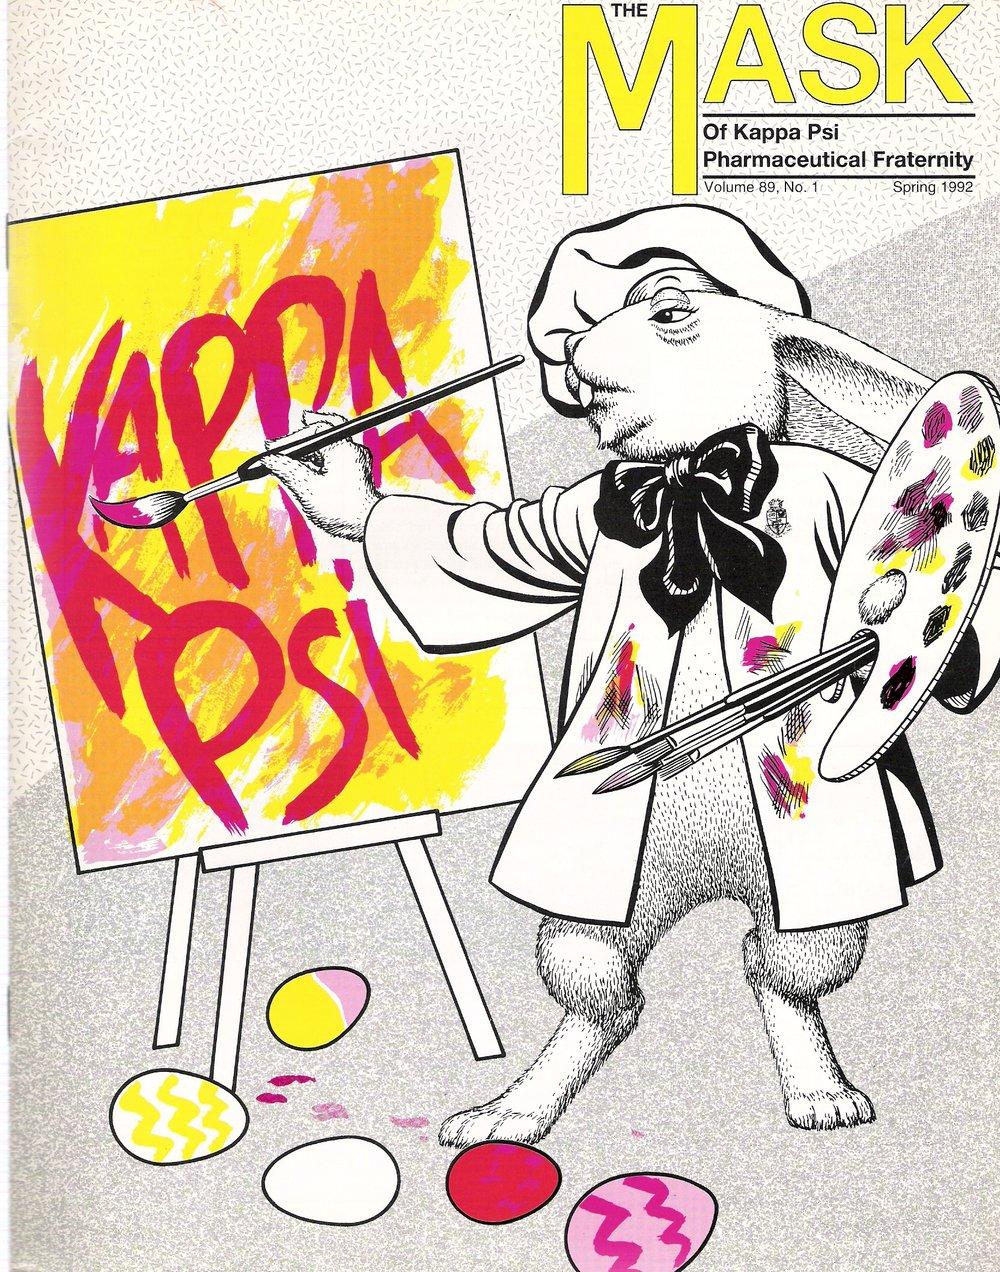 mask_cover_03_1992.jpg